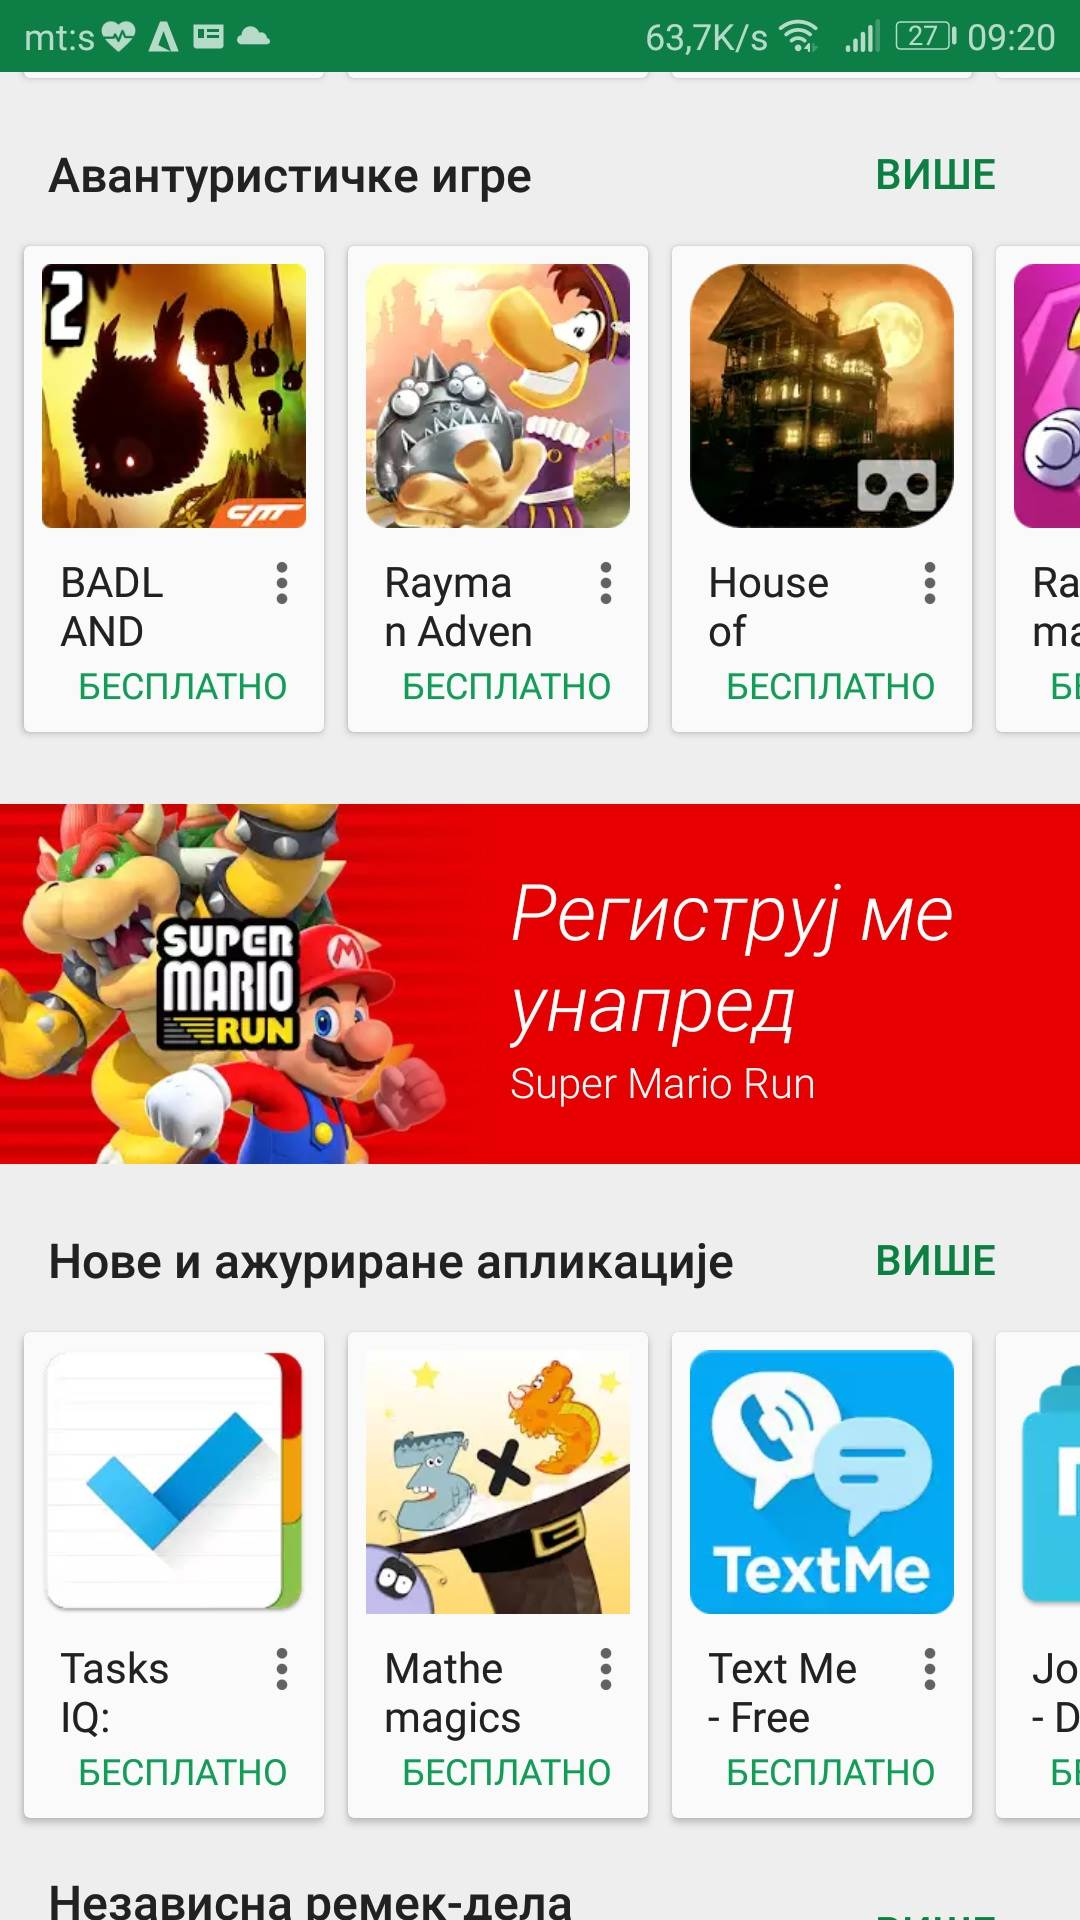 Super Mario za Android 23. marta